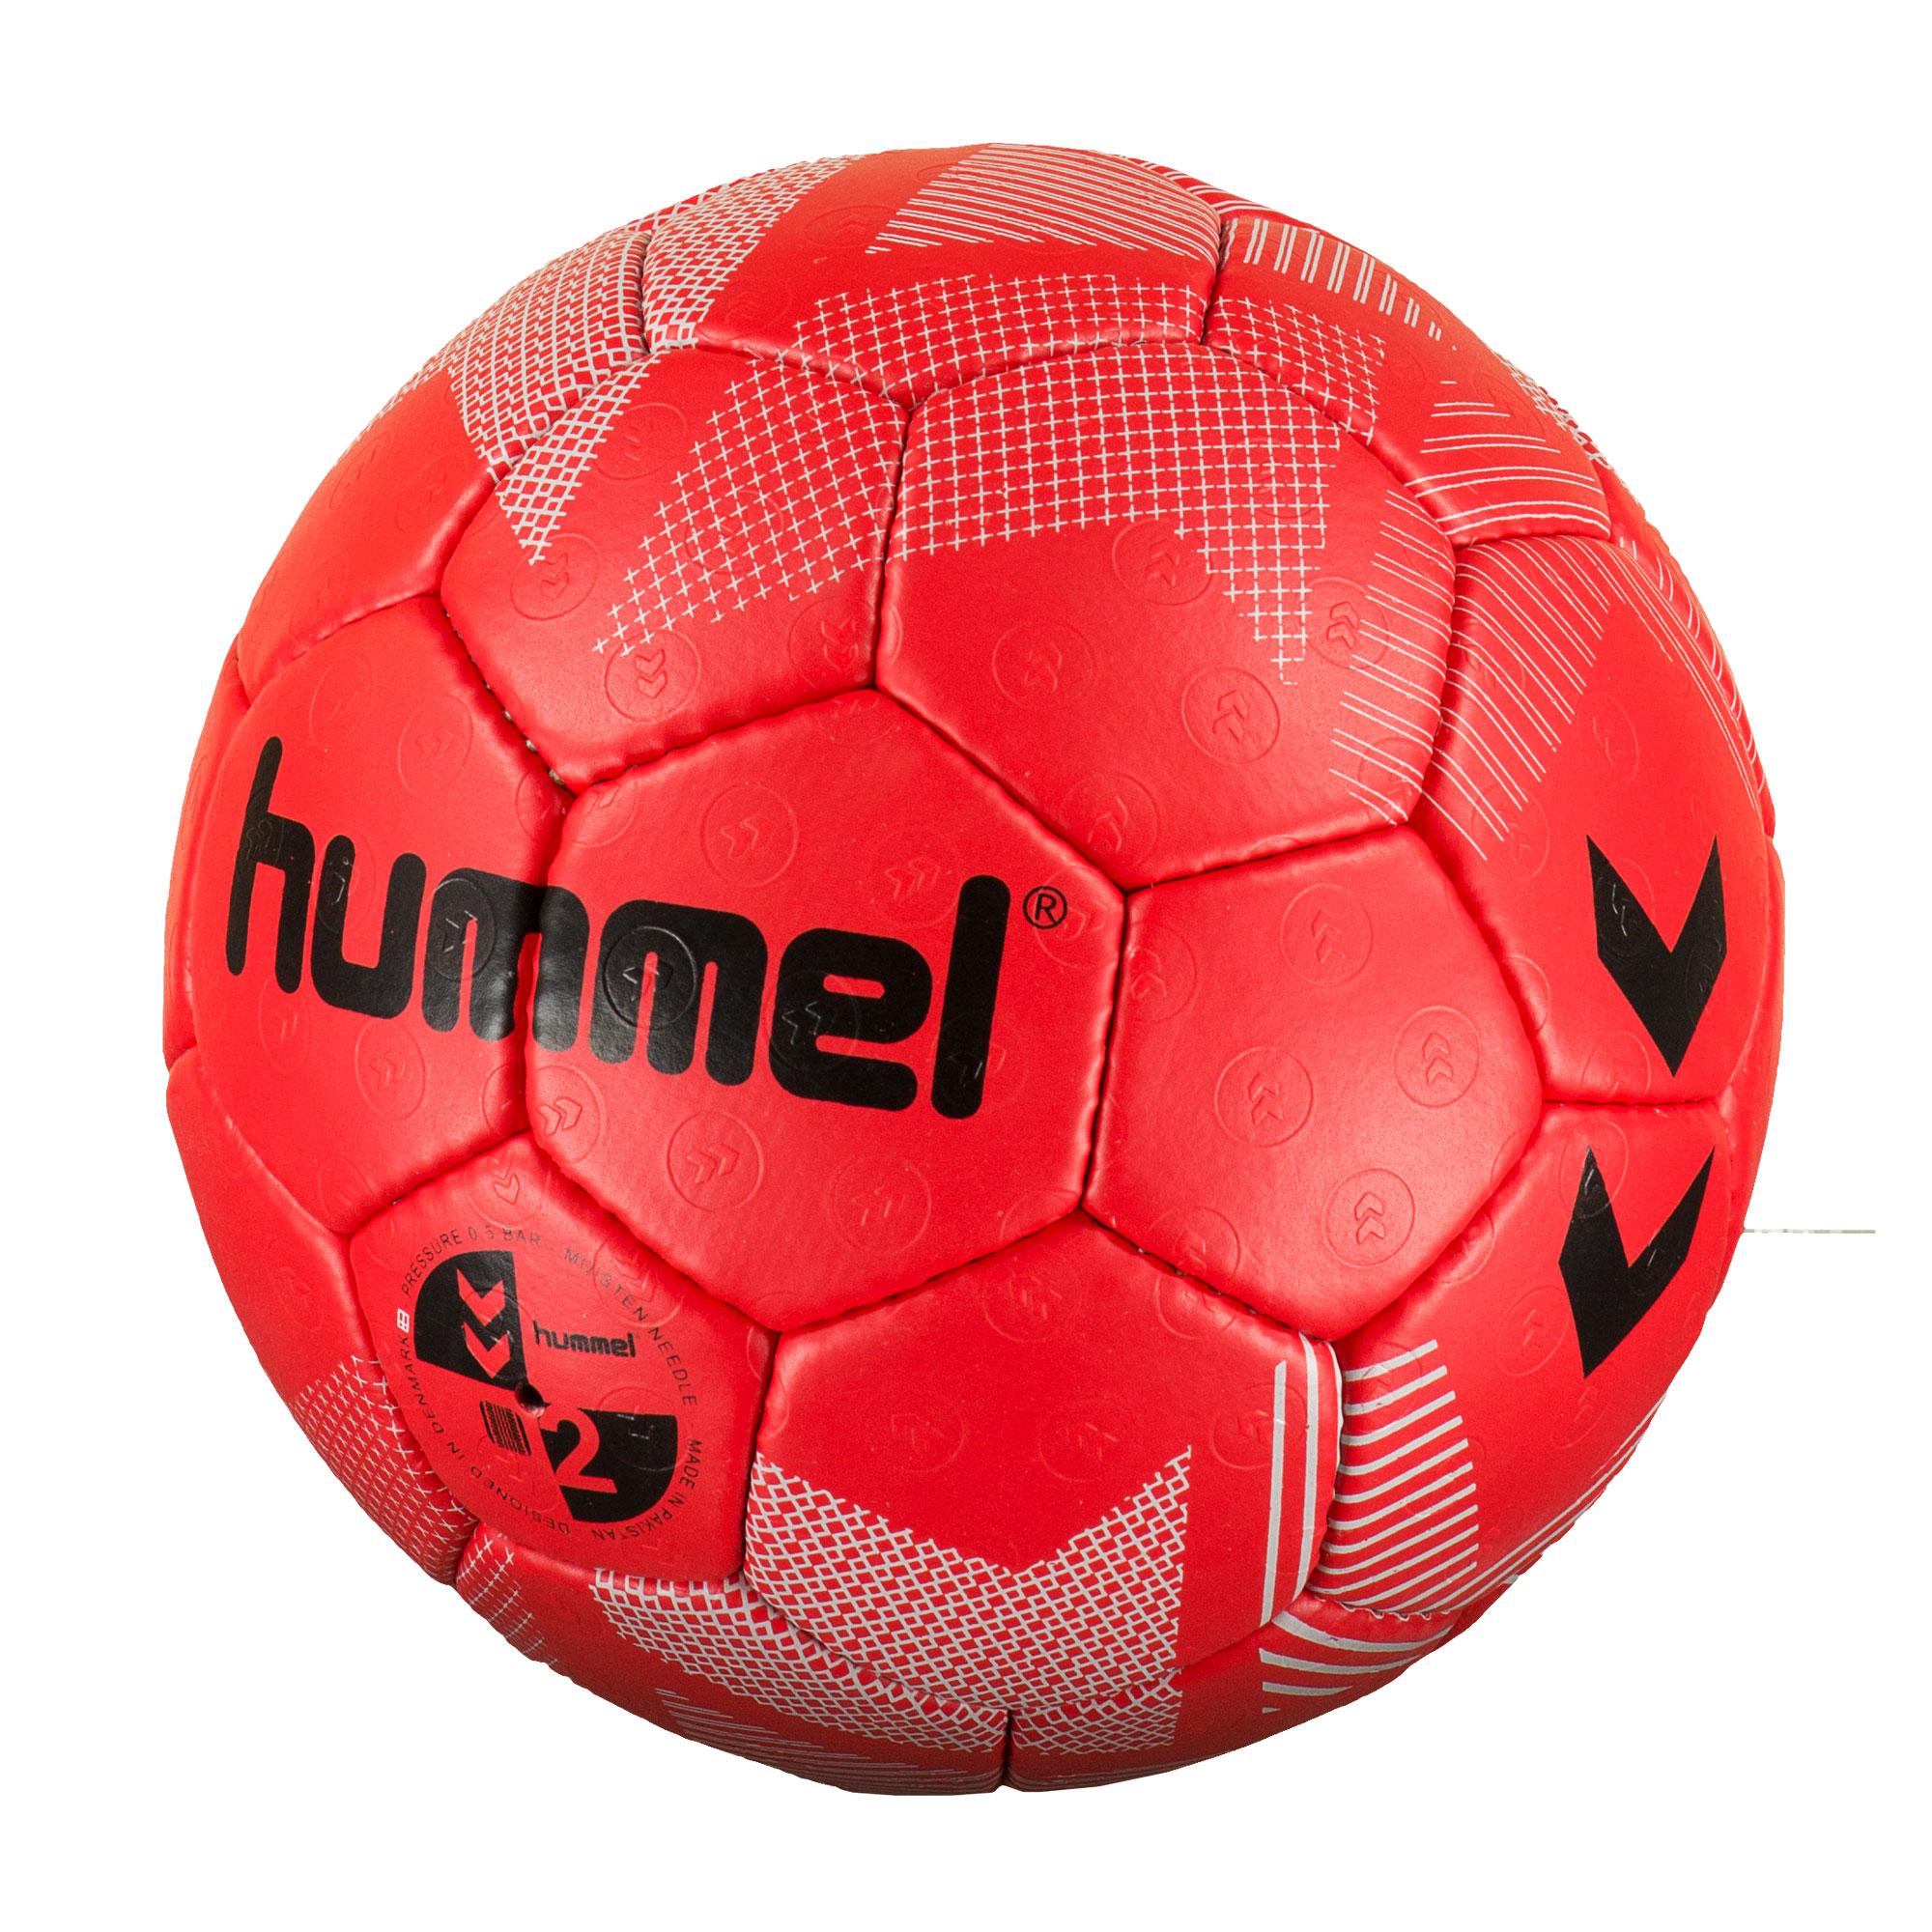 Hummel Handball New Nostalgia 91975-3776 1